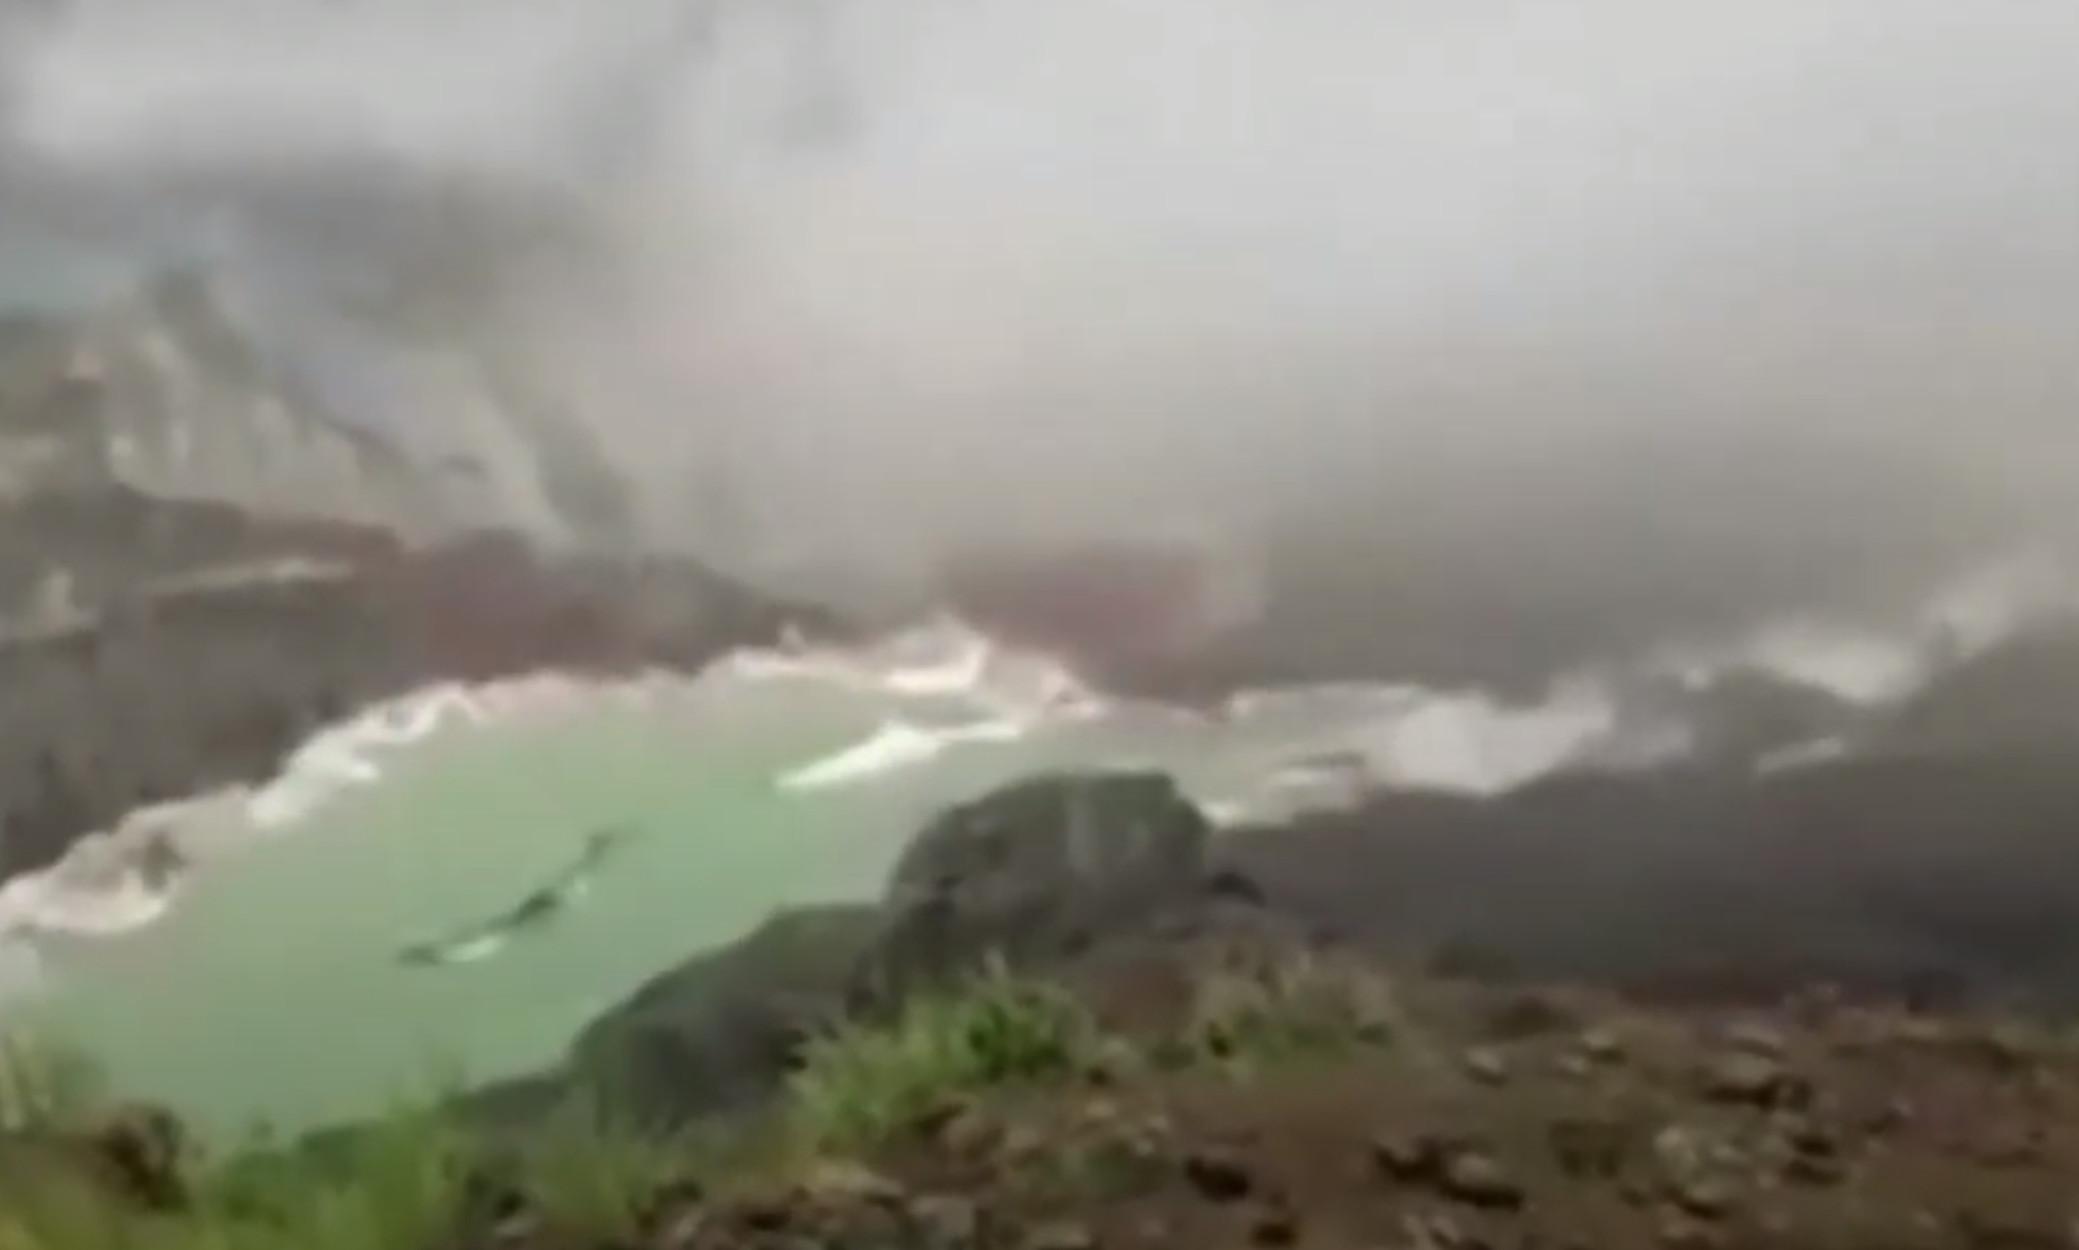 """Μιανμάρ: Βίντεο – σοκ! Η στιγμή που το """"τσουνάμι"""" λάσπης σκεπάζει το ορυχείο και θάβει εκατοντάδες εργάτες"""